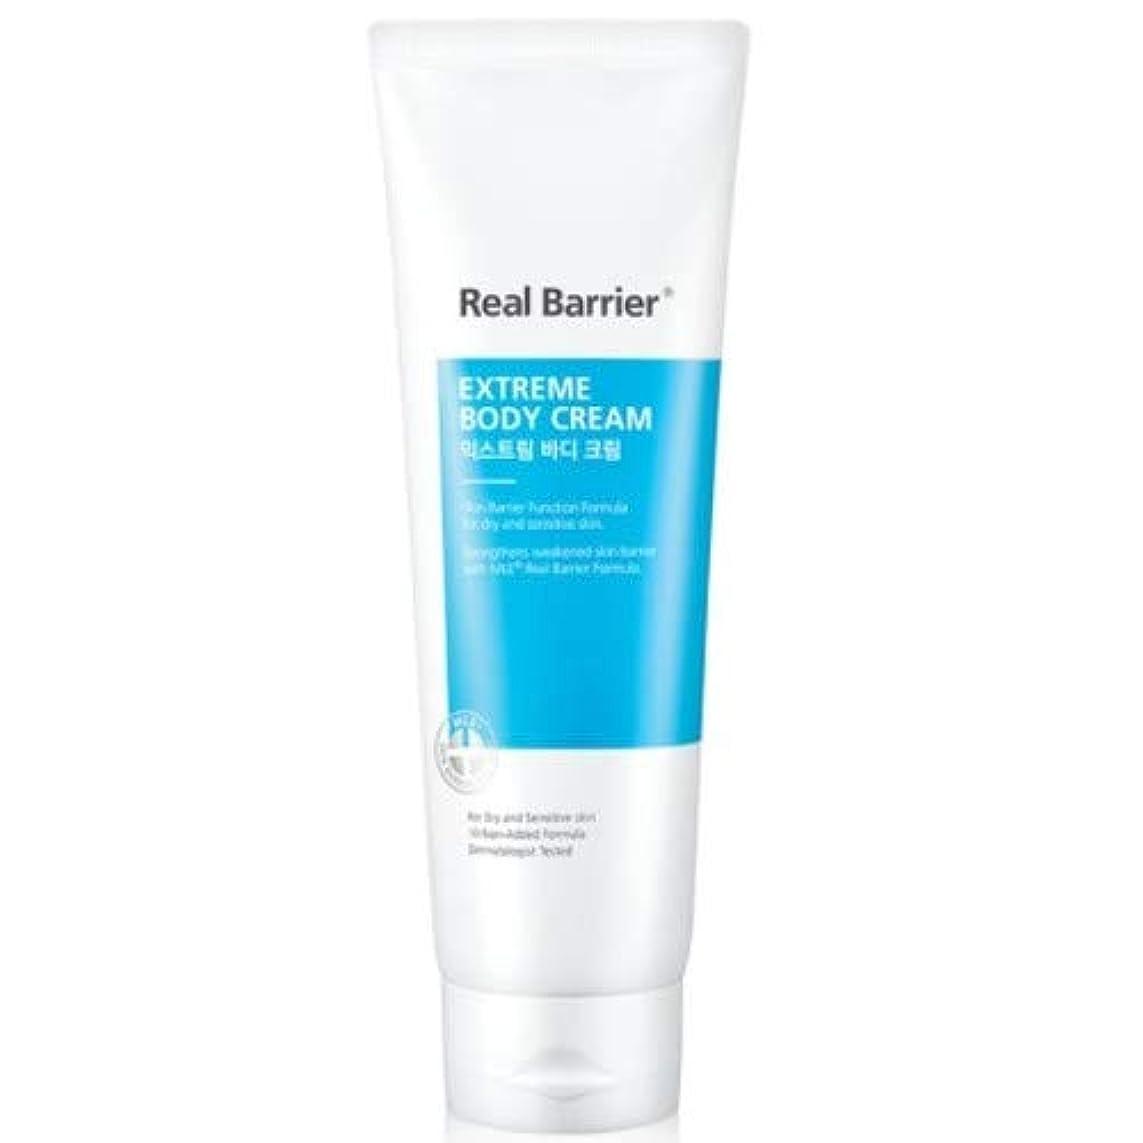 上昇ピン主観的ATOPALM Real Barrier?エクストリームボディークリーム250g / ATOPALM Real Barrier Extreme Body Cream [並行輸入品]